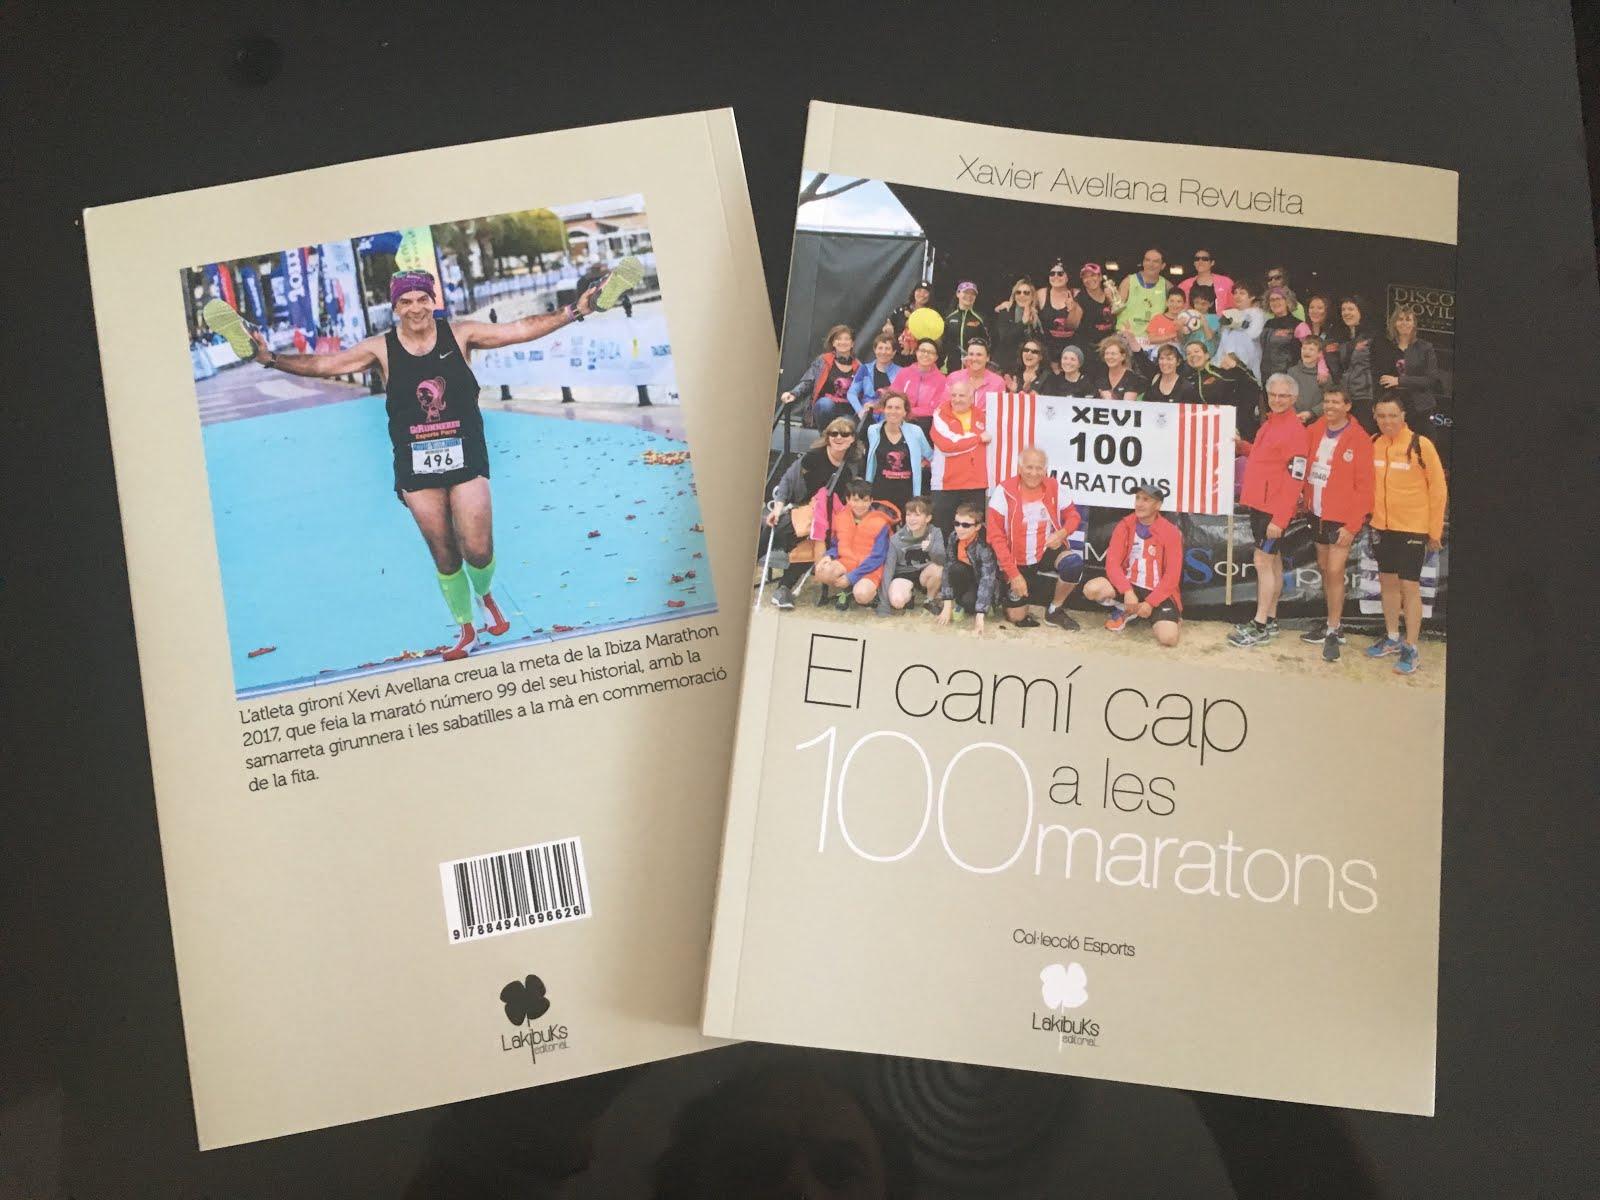 EL CAMÍ CAP A LES 100 MARATONS